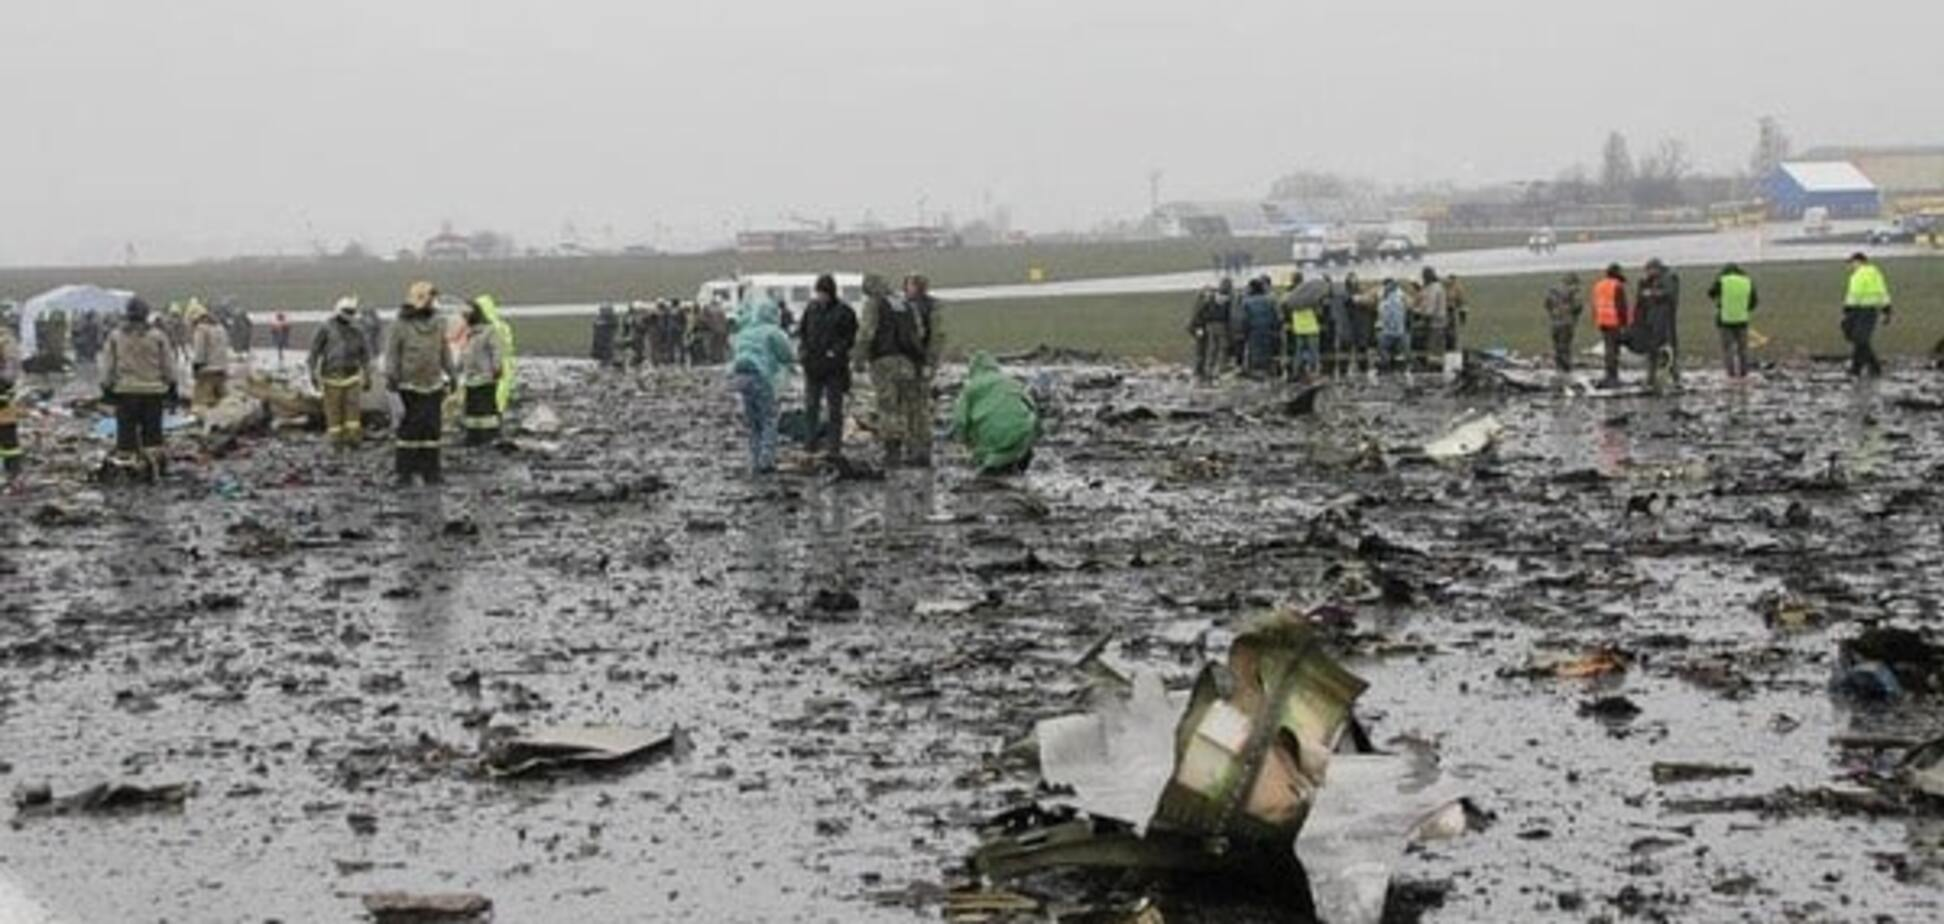 Туристка дивом врятувалася, запізнившись на фатальний рейс FlyDubai